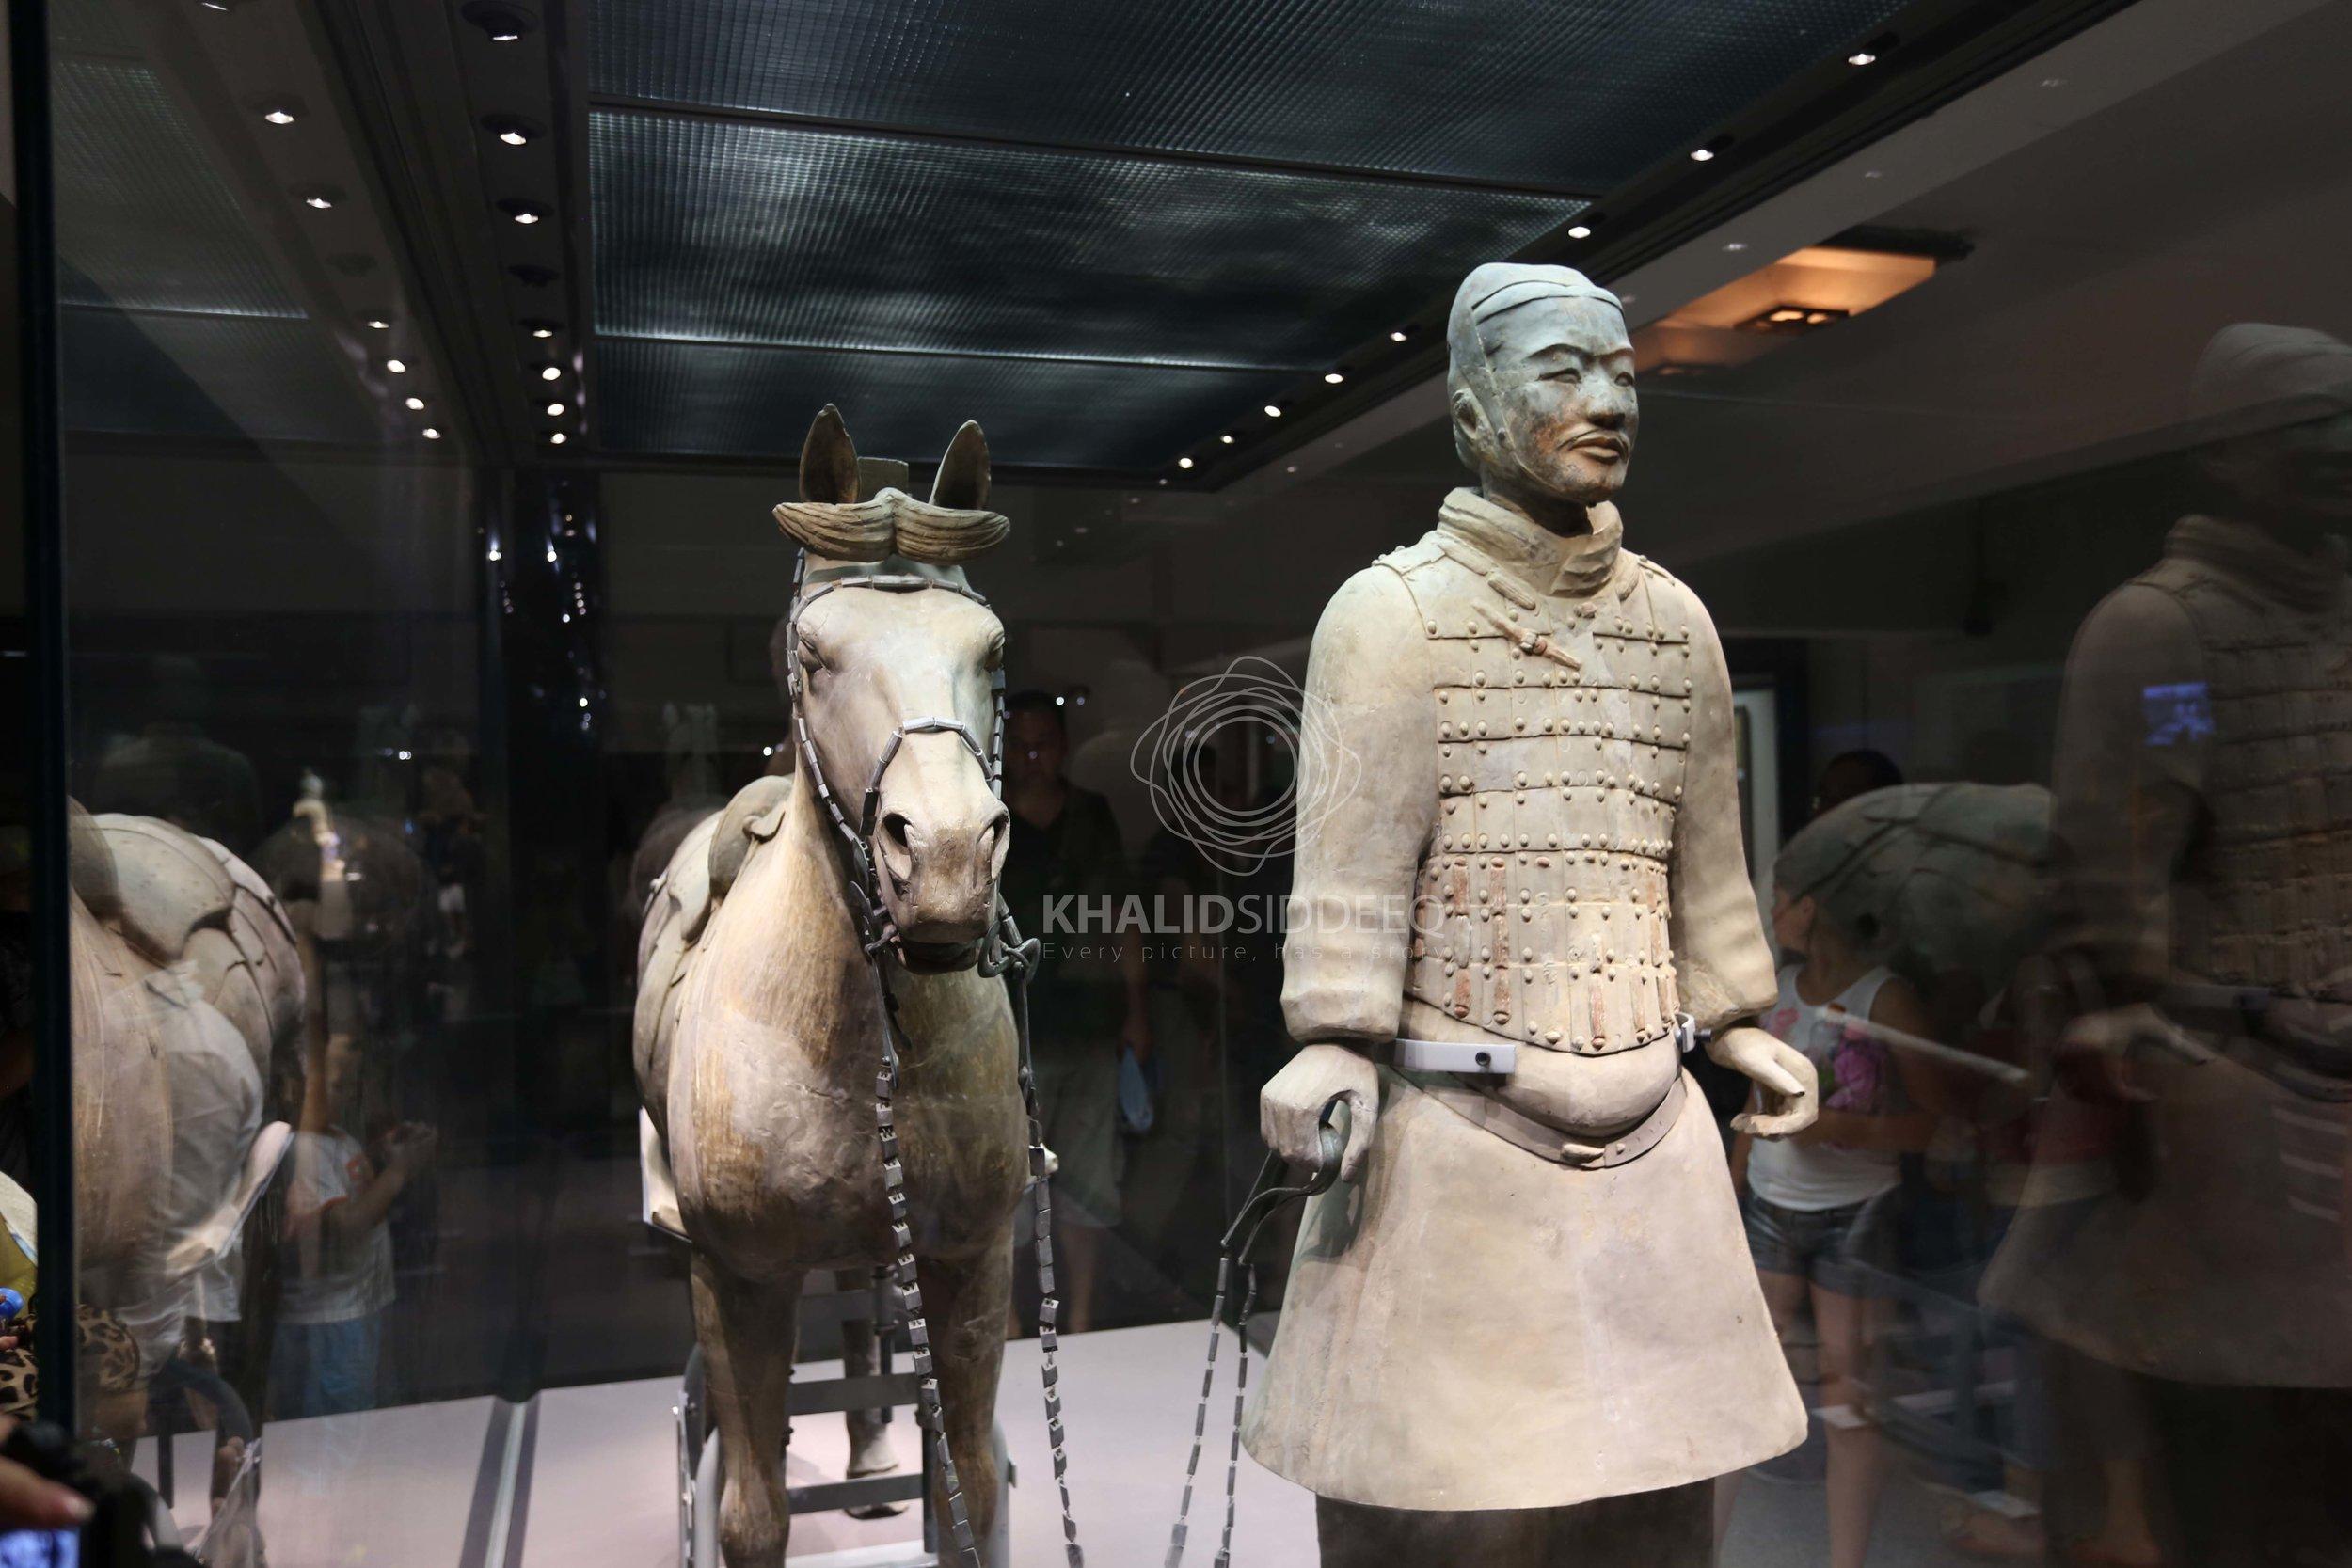 أحد جنود الطين من متحف تيراكوتا